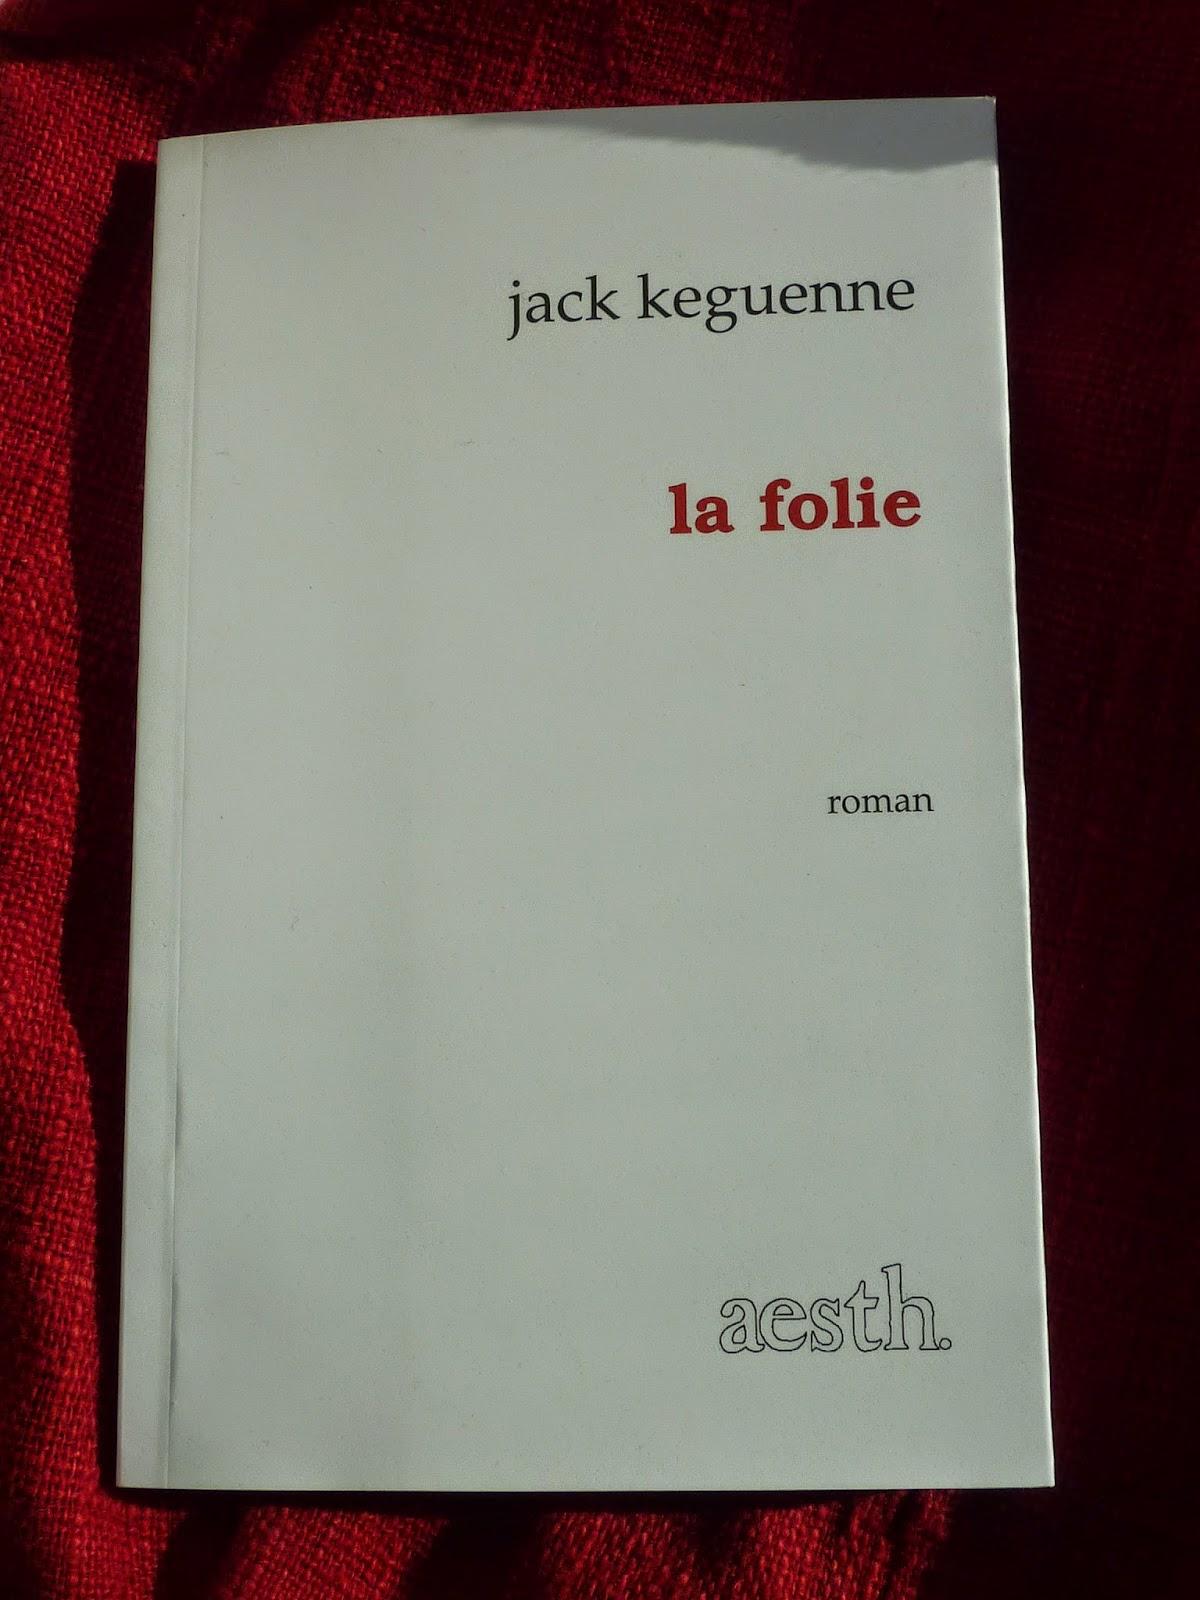 La folie - Jack Keguenne